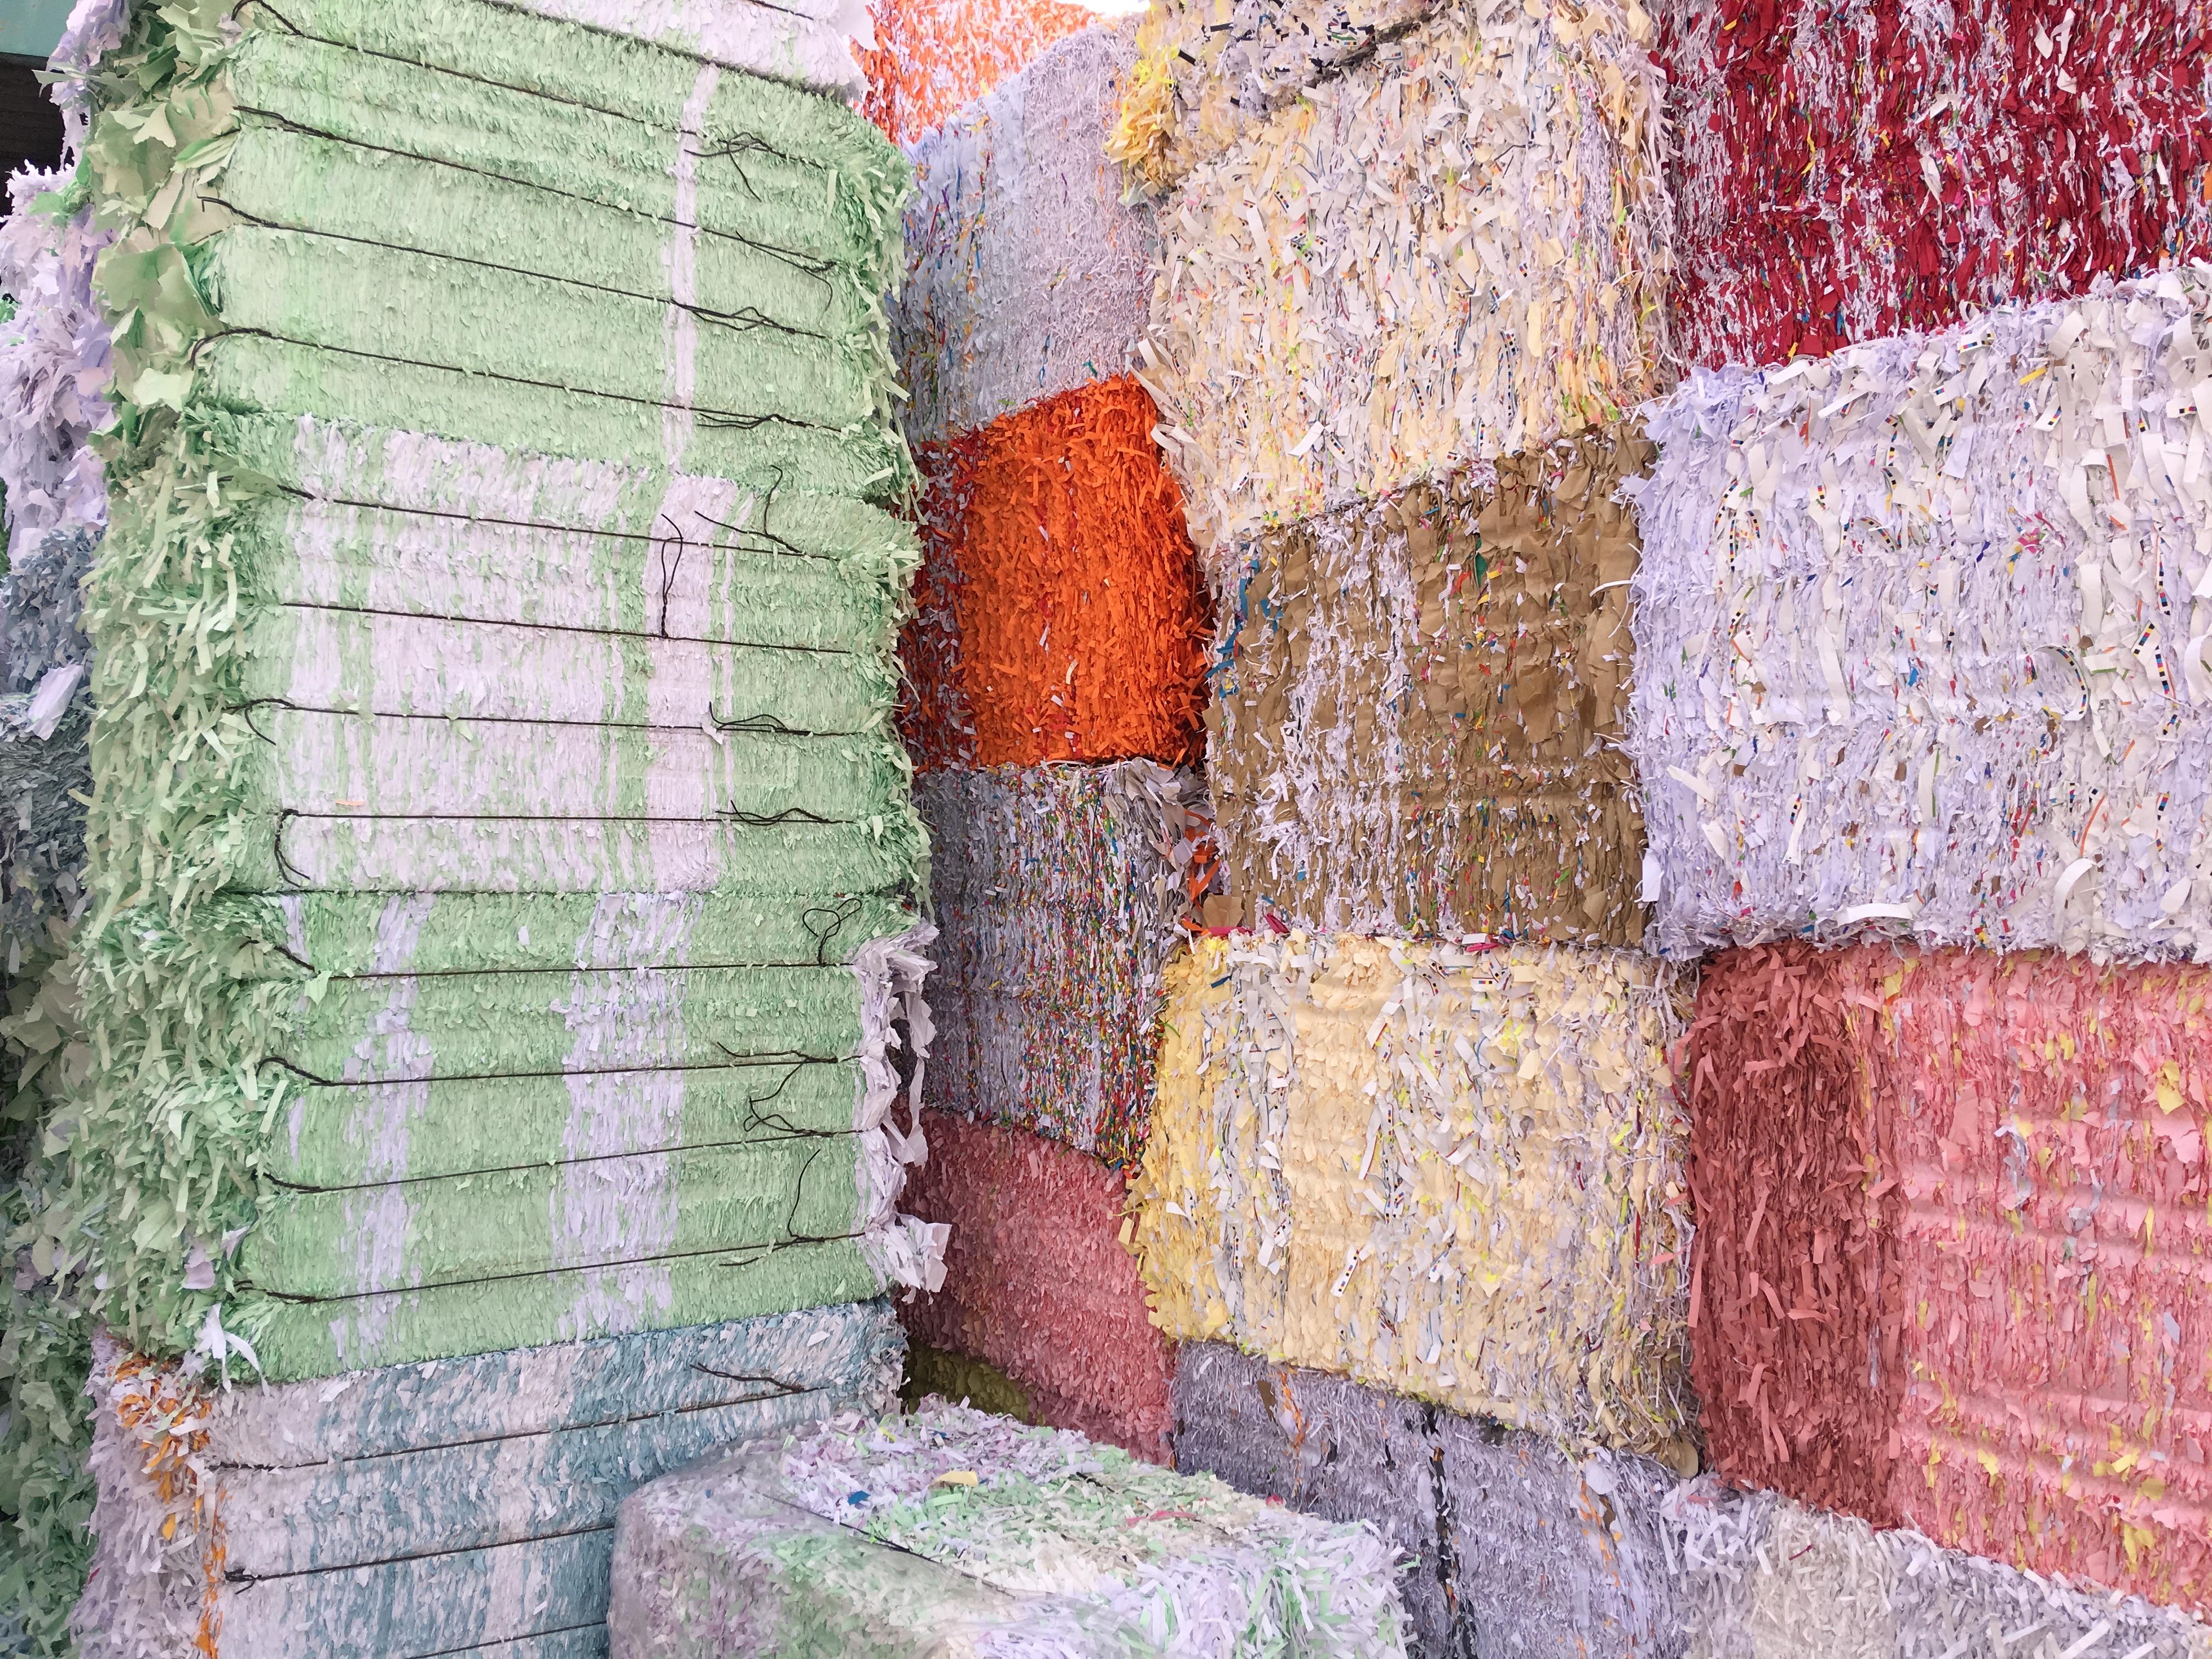 balles prêtes pour la fabrication de papier recyclé